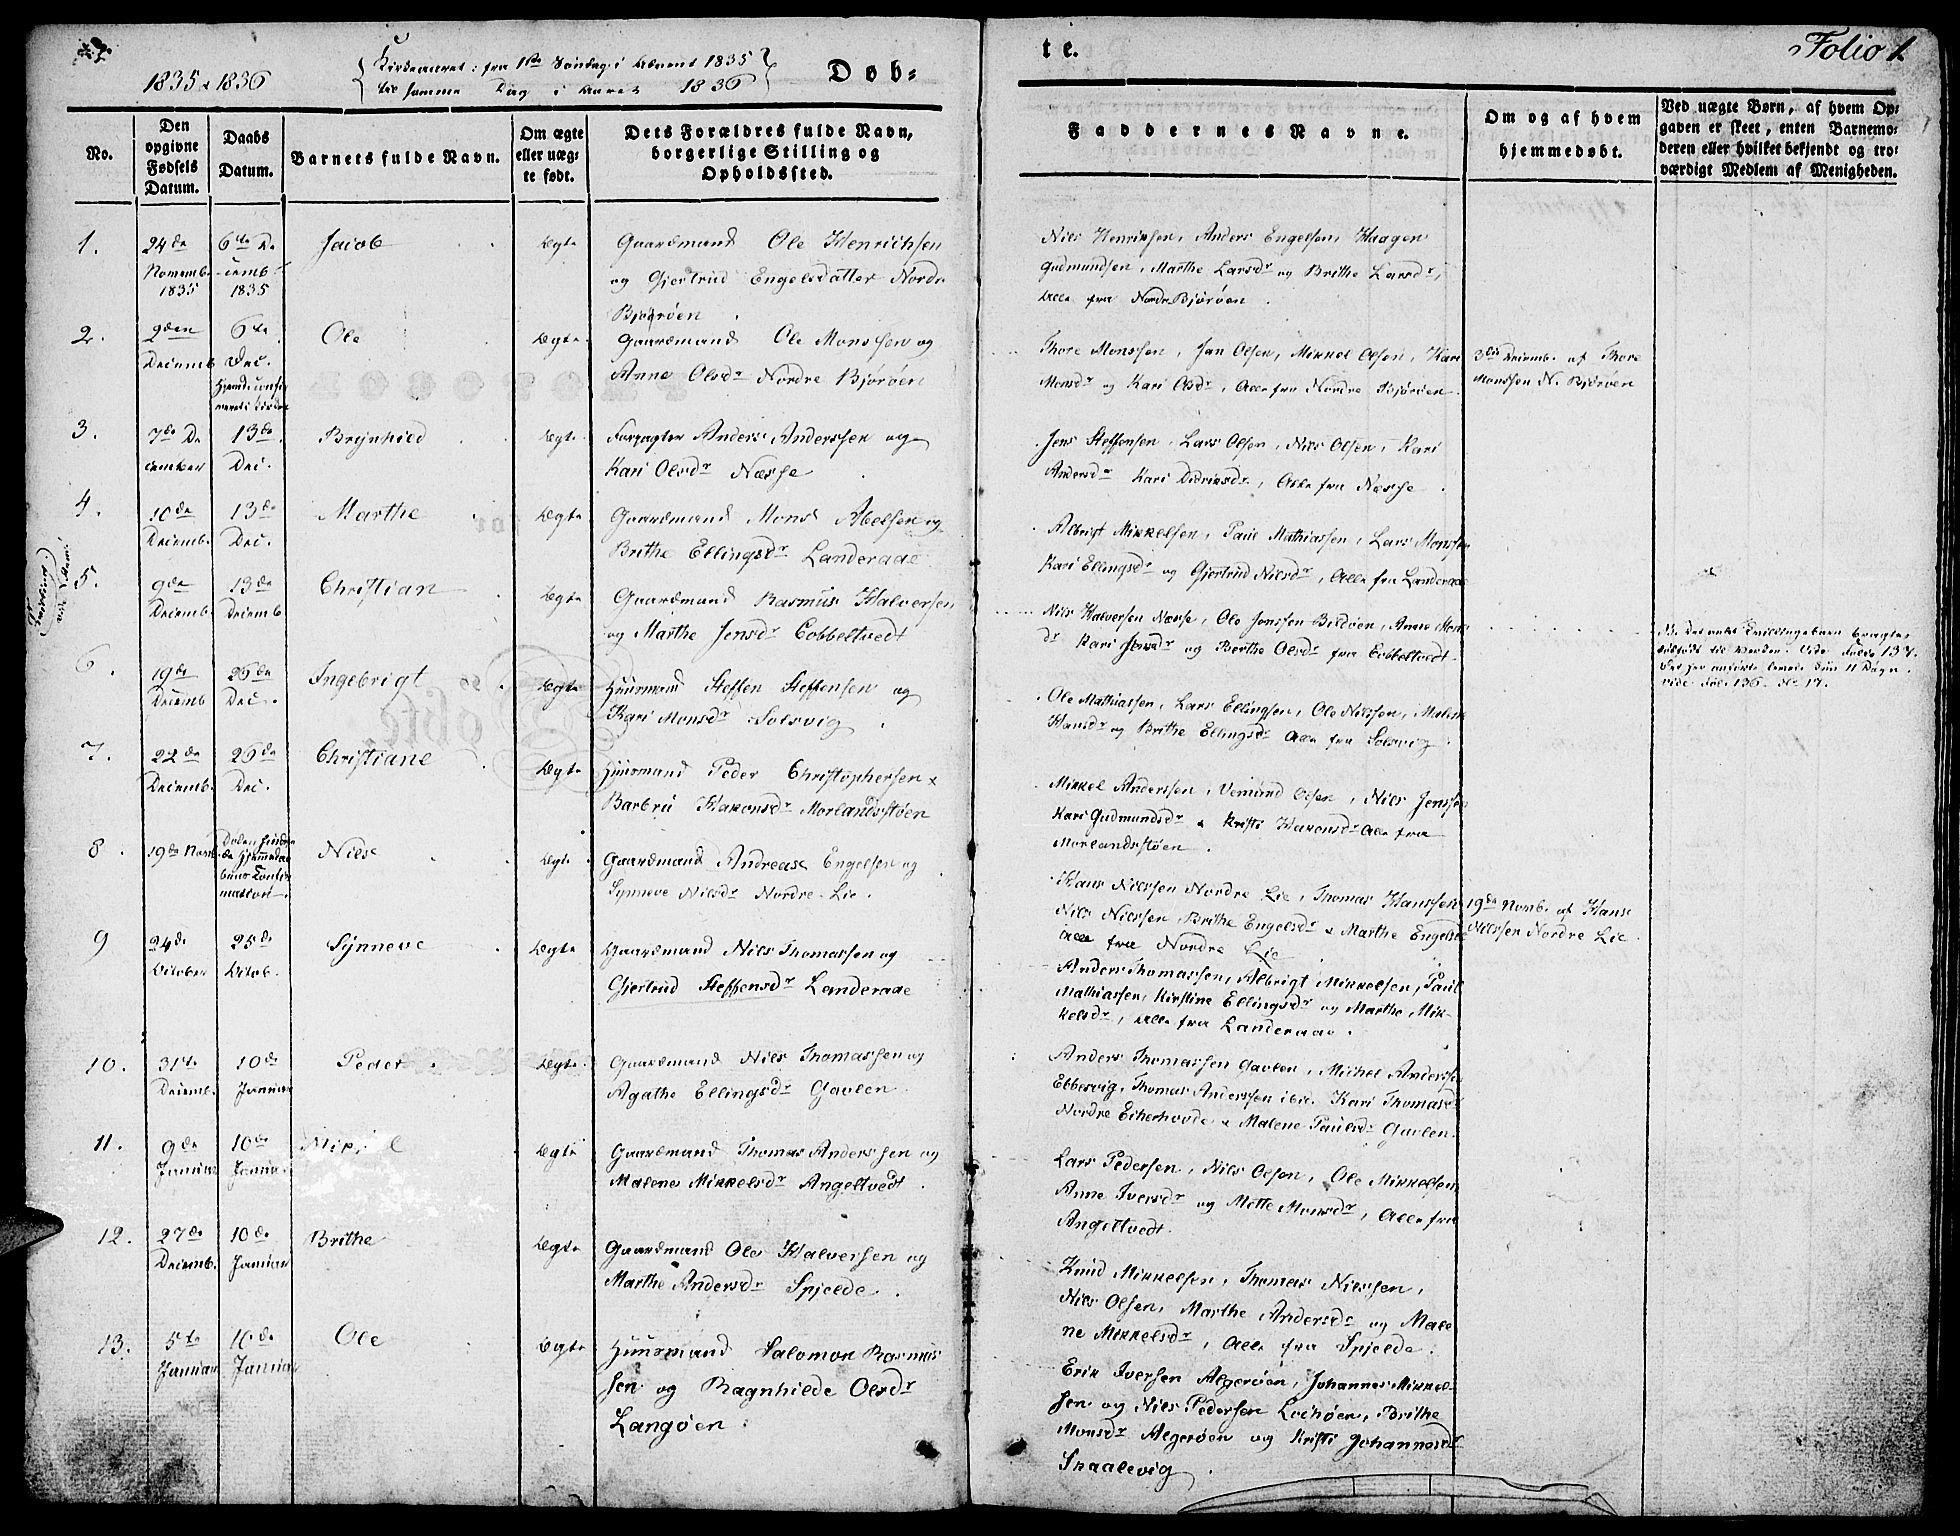 SAB, Fjell Sokneprestembete, H/Haa: Ministerialbok nr. A 1, 1835-1850, s. 1